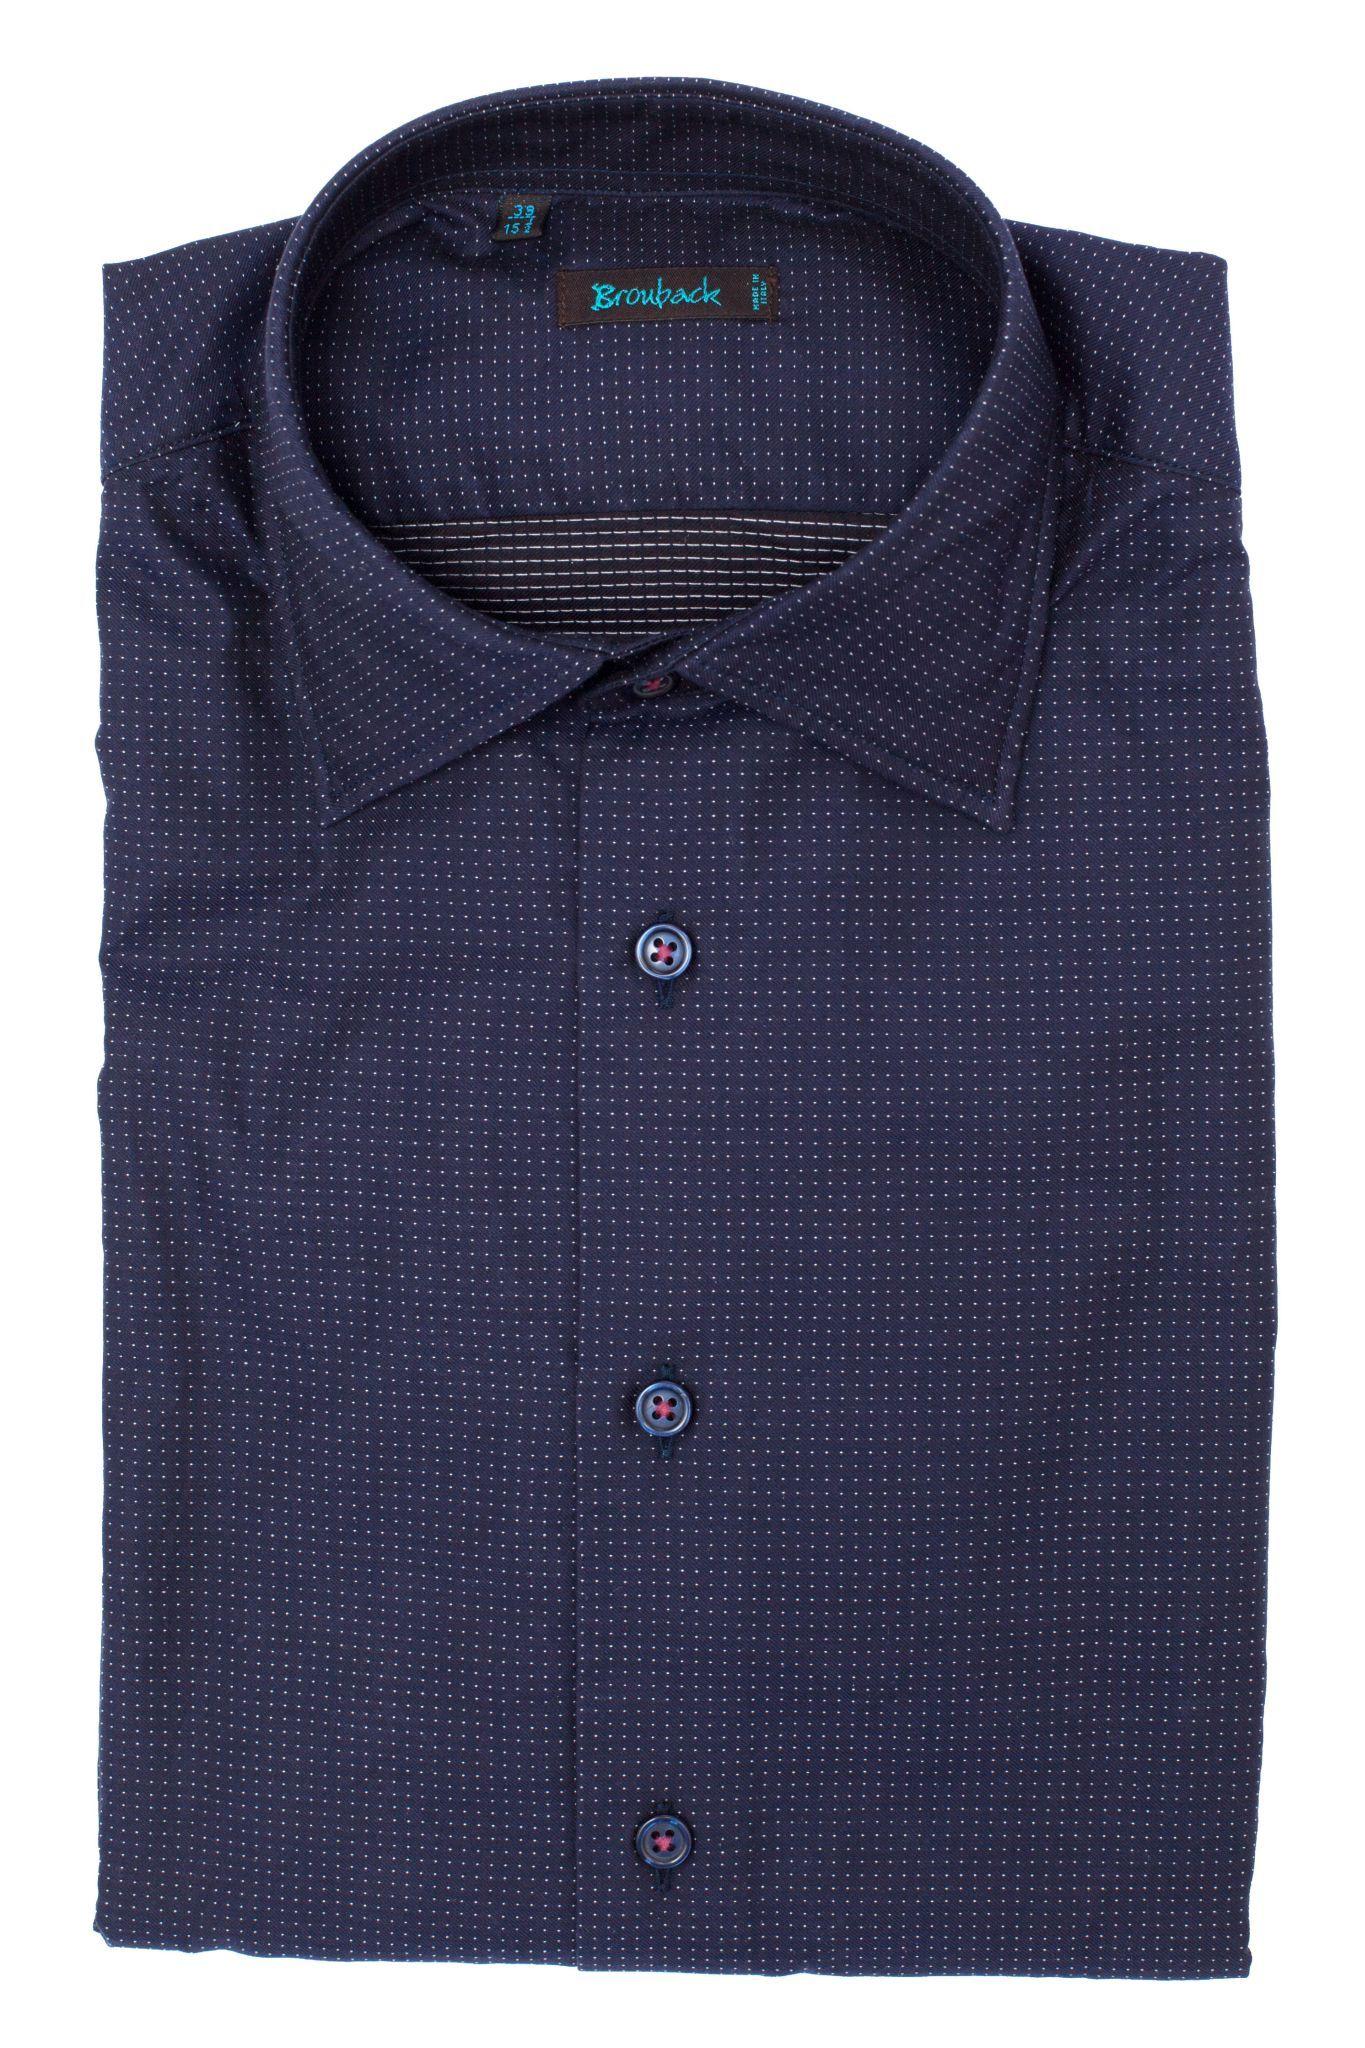 Тёмно-синяя рубашка в мельчайшую белую крапинку